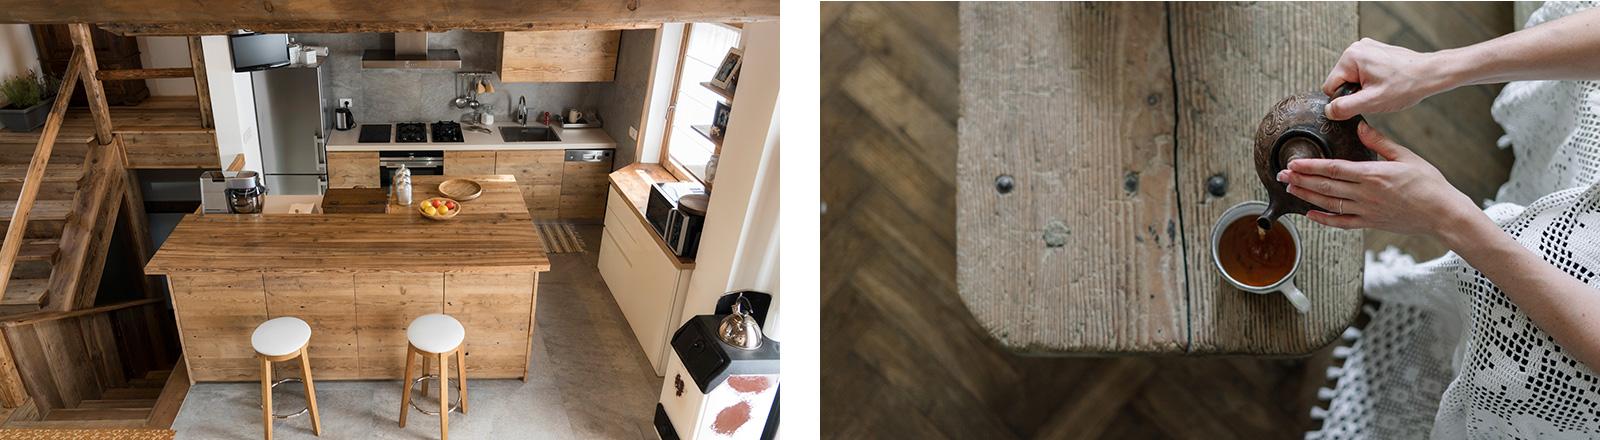 Zum Landhaus-Stil gehört unbehandeltes Holz.